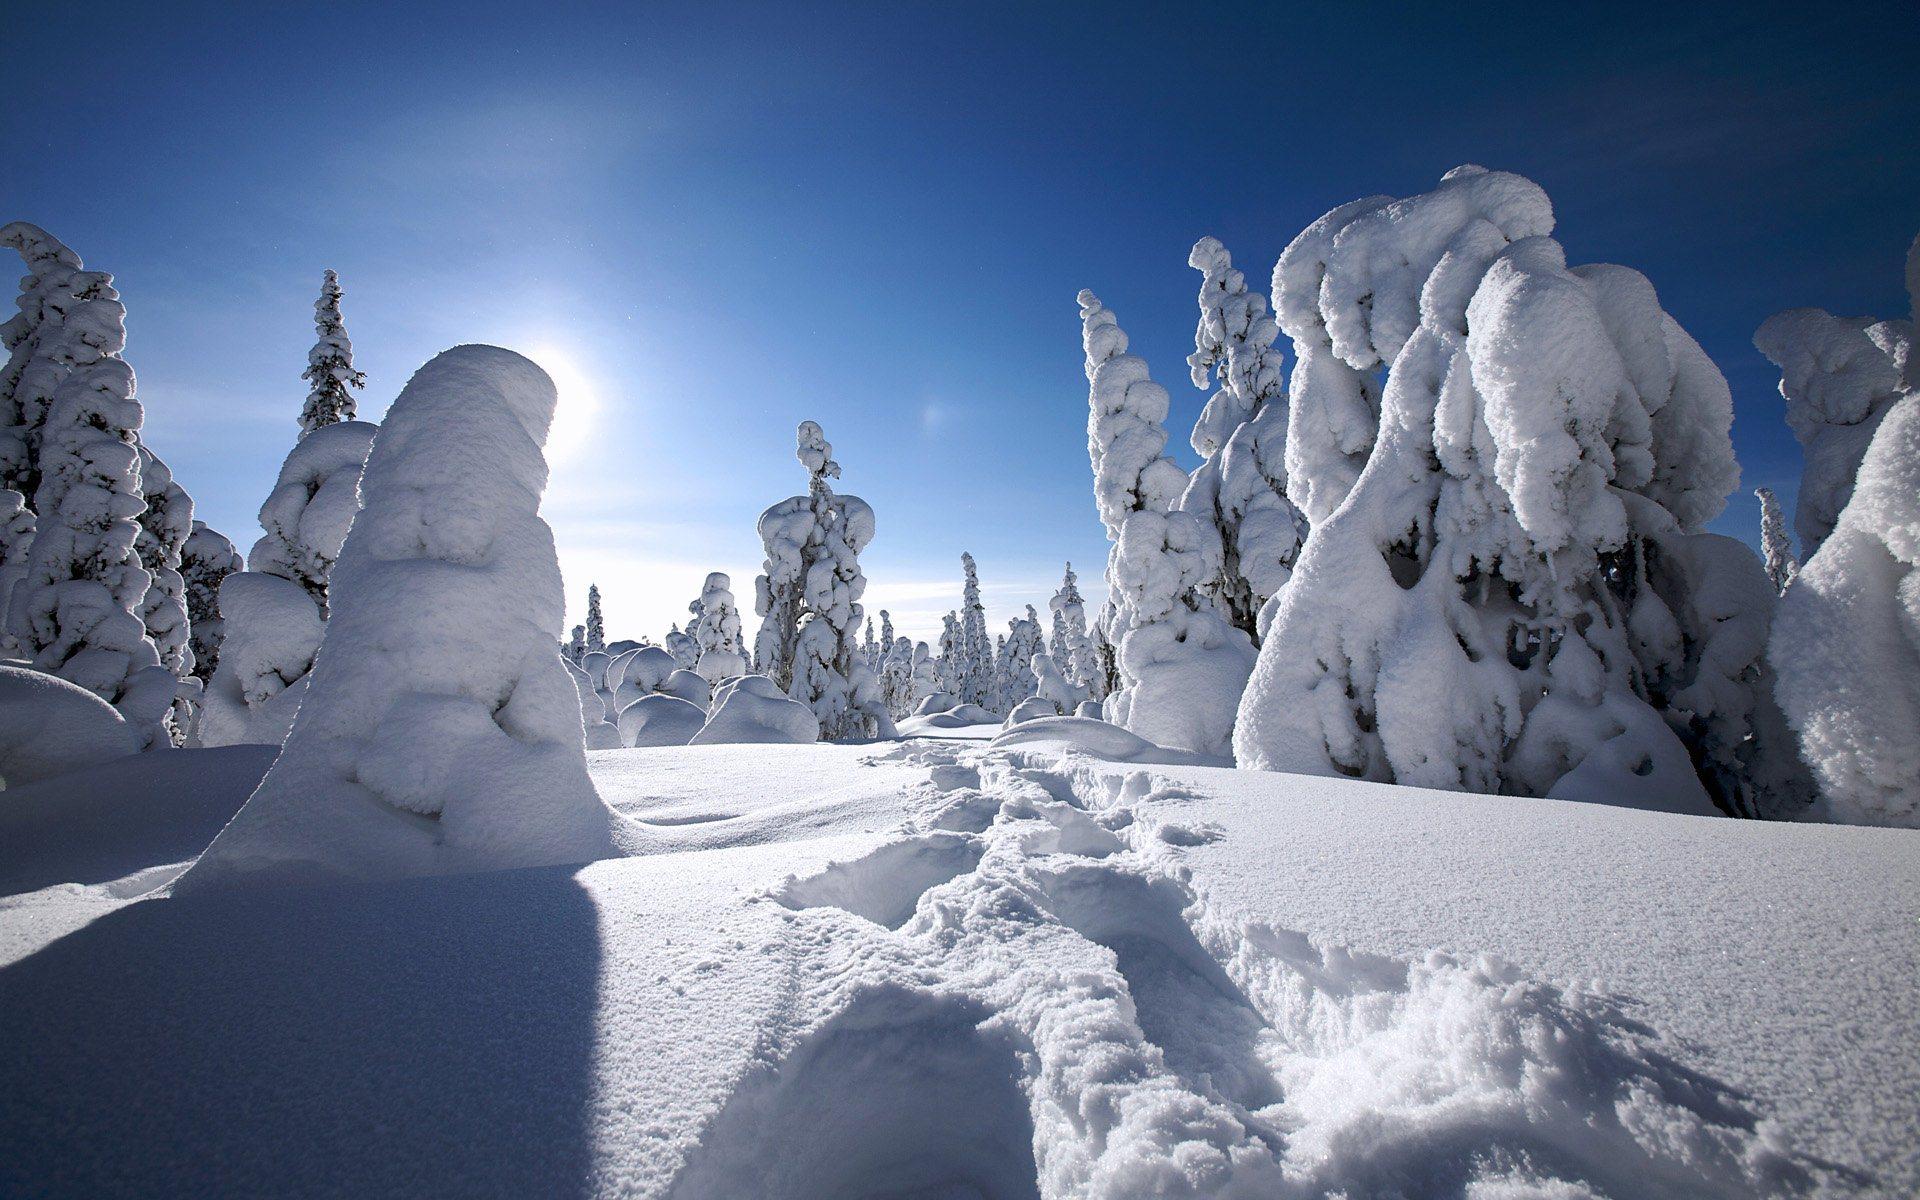 Weihnacht Hintergrundbilder Office Lernen  - Hintergrundbilder Winterlandschaften